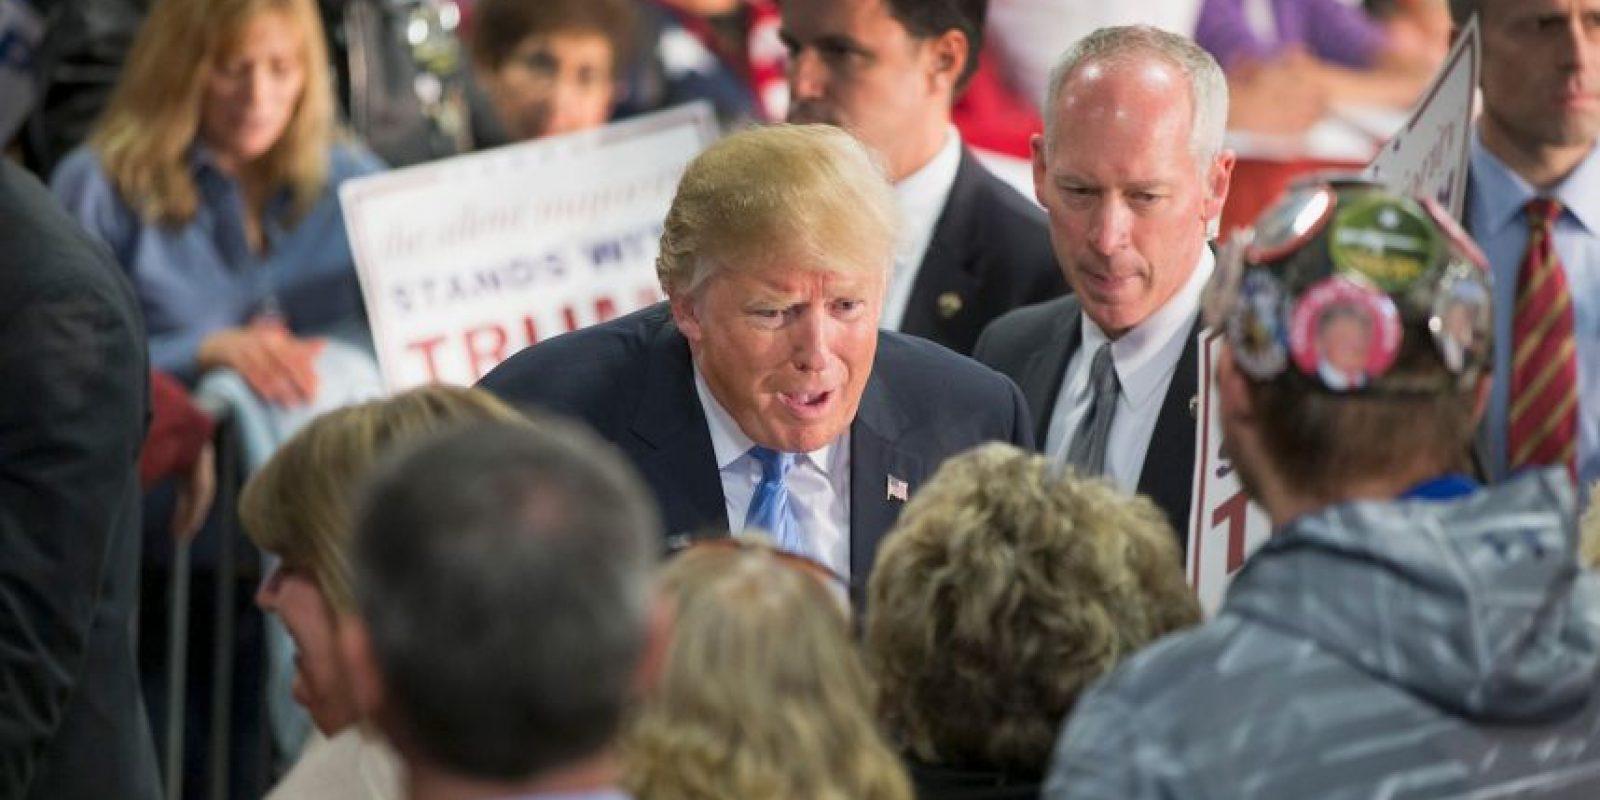 Hasta ahora no parece que Trump quiera disculparse por lo dicho. Foto:Getty Images